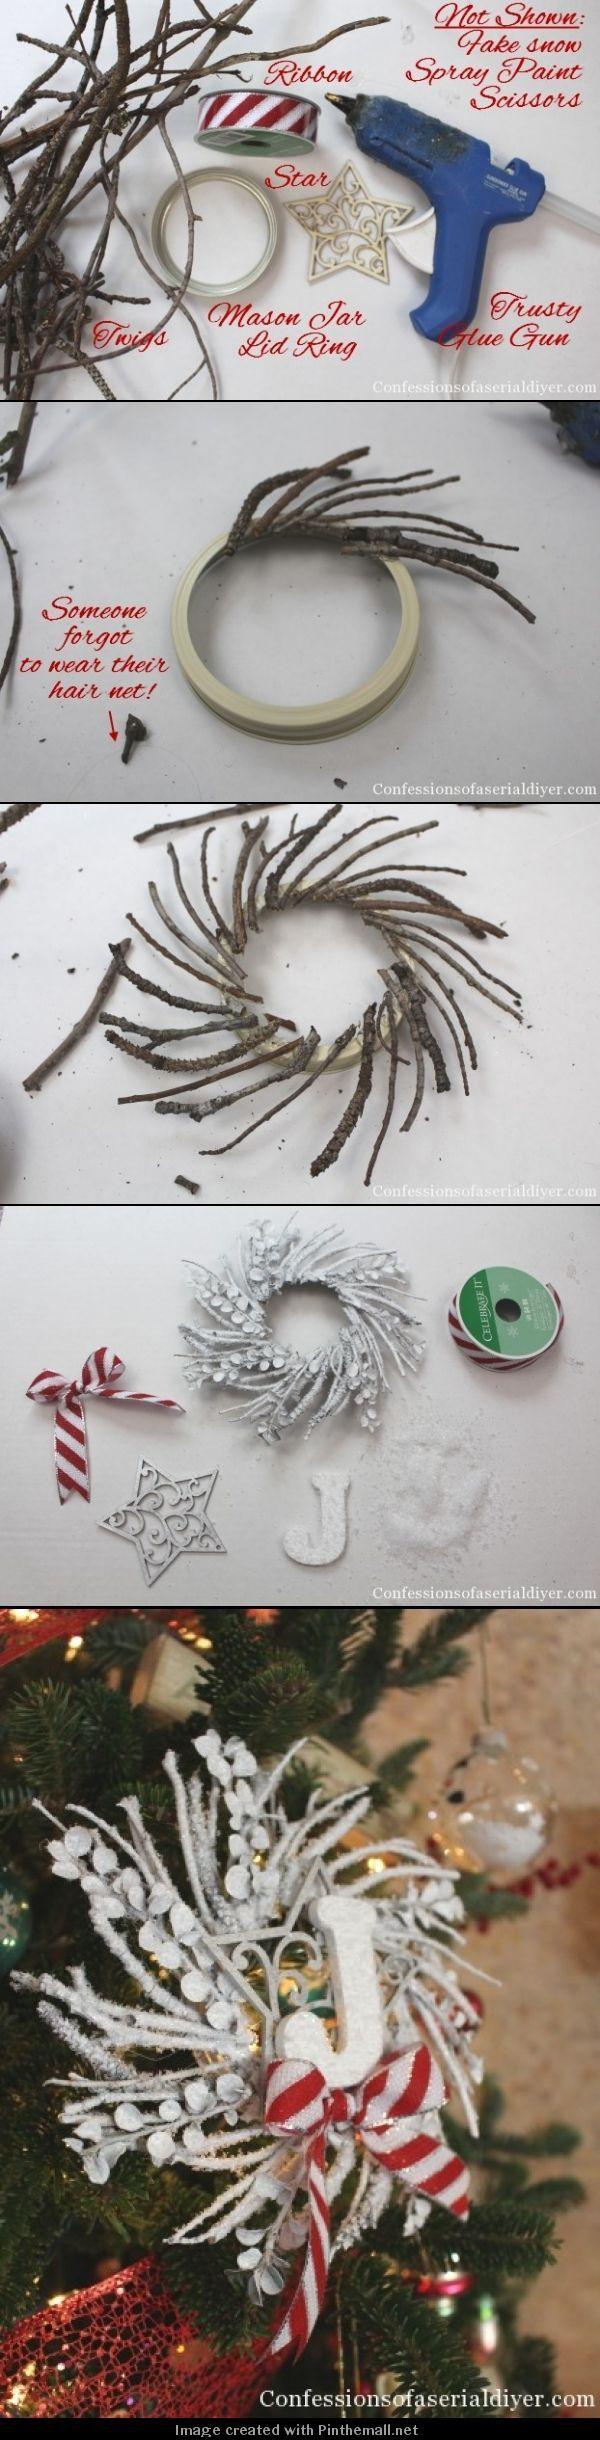 DIY con monograma de la ramita de la guirnalda Ornamento - (Las pequeñas coronas ramita sería lindo para decorar naturales demasiado en vez de aerosol pintarlas ...):